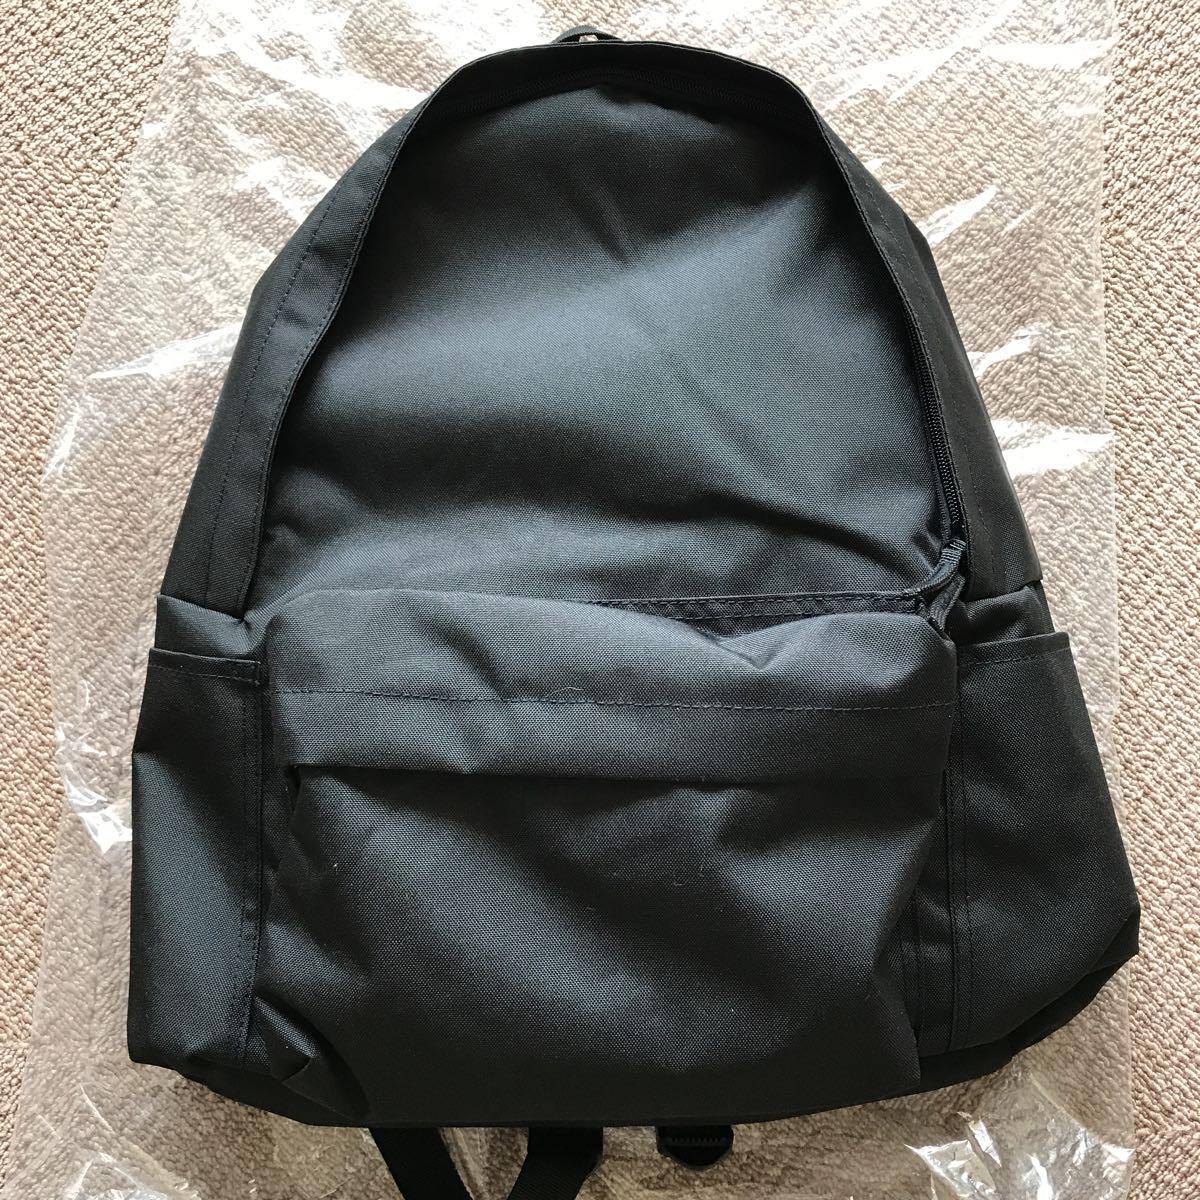 新品 未使用 無印良品 PCポケット付リュック バックパック 黒 ブラック